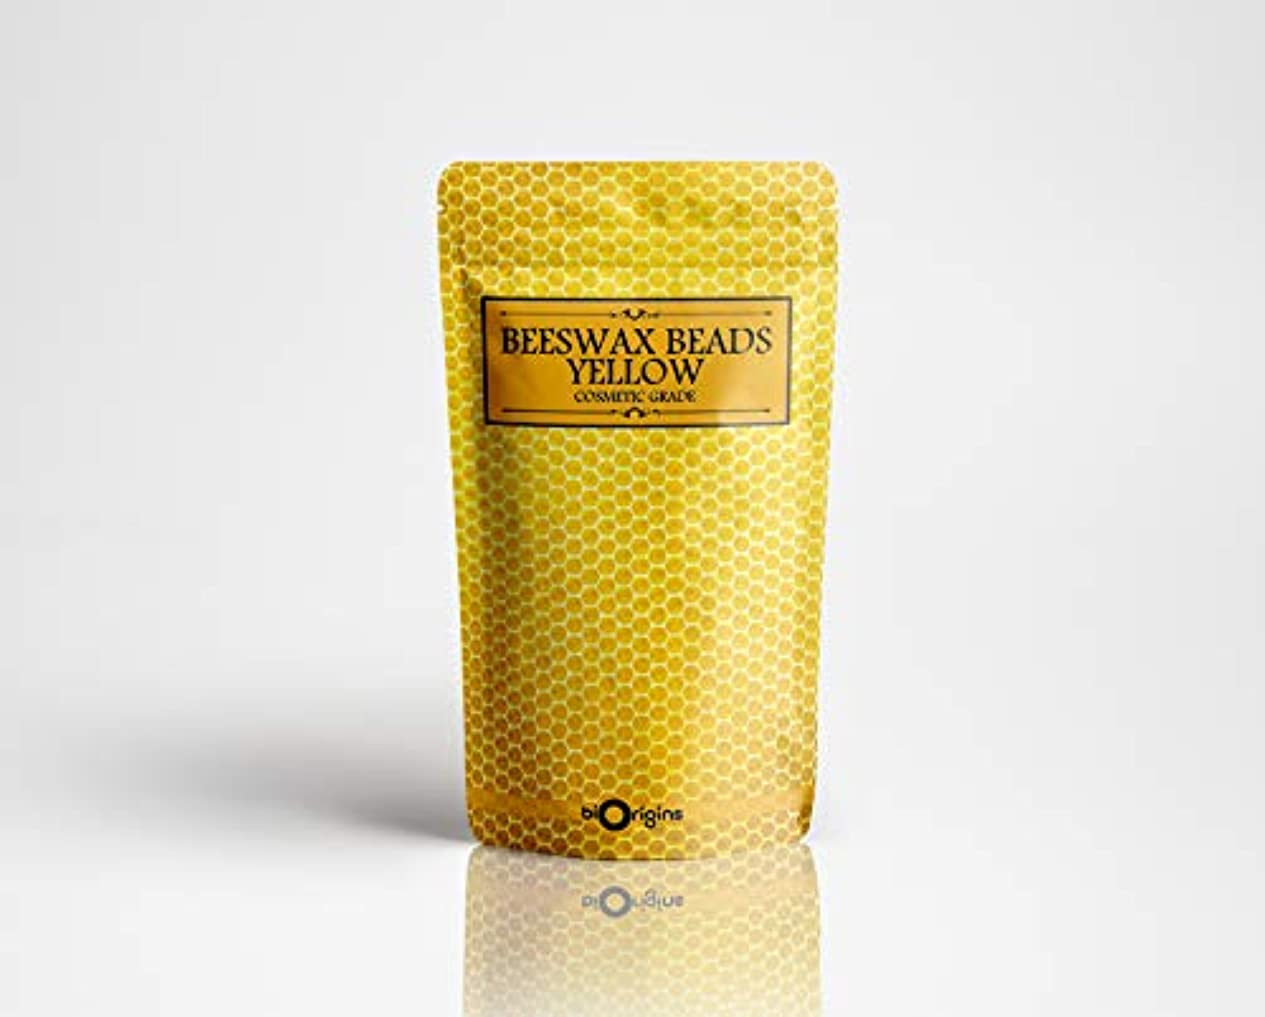 シート恐ろしいピアBeeswax Beads Yellow - Cosmetic Grade - 100g